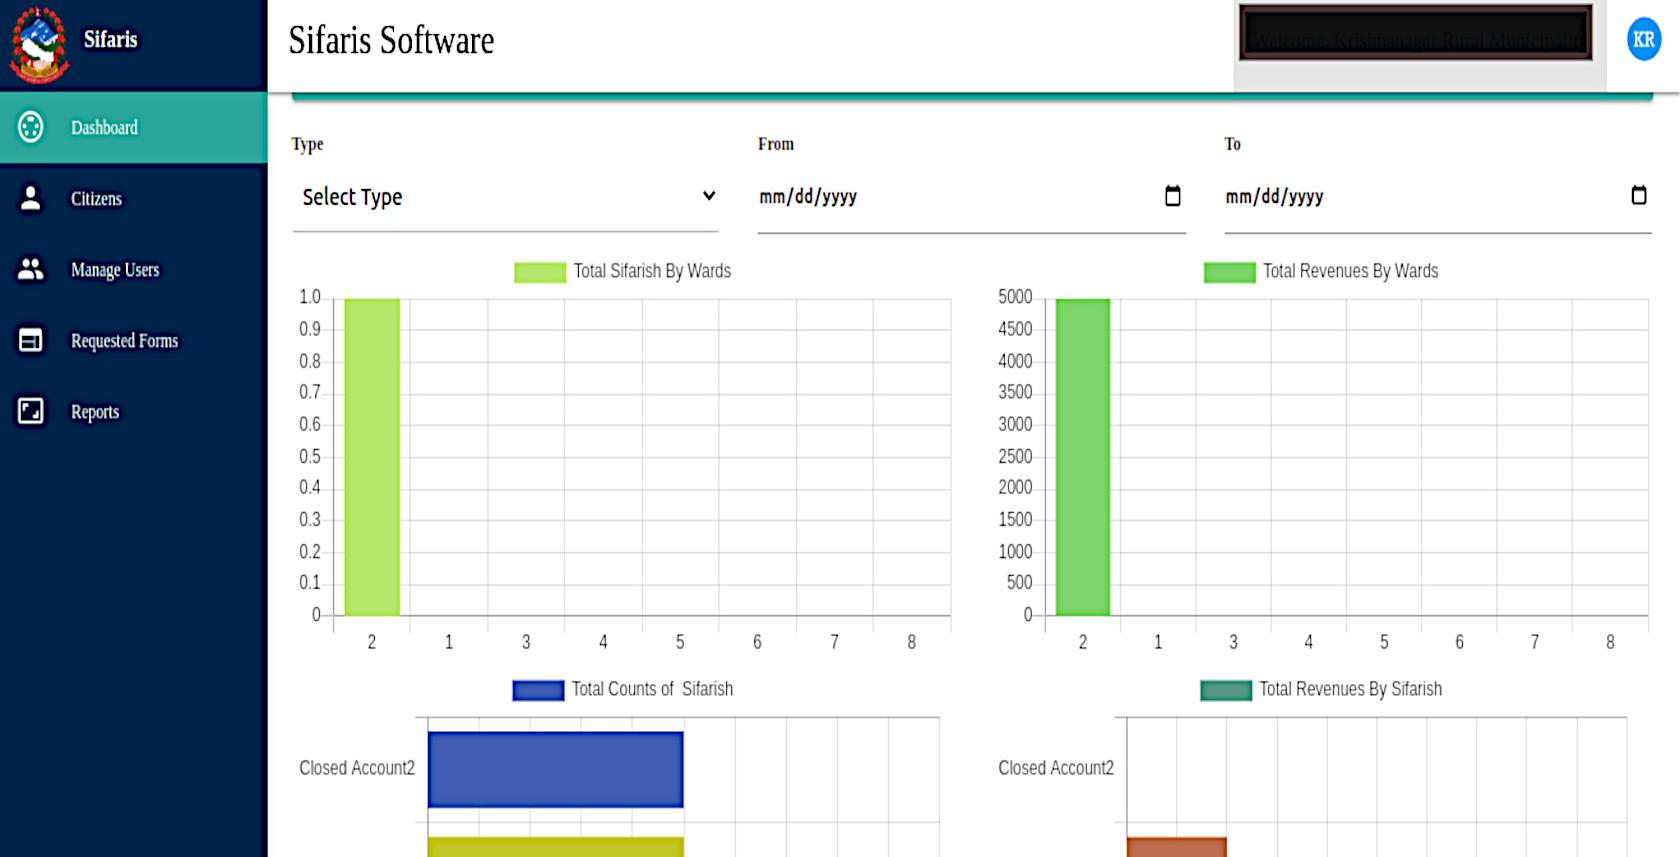 sifaris-software